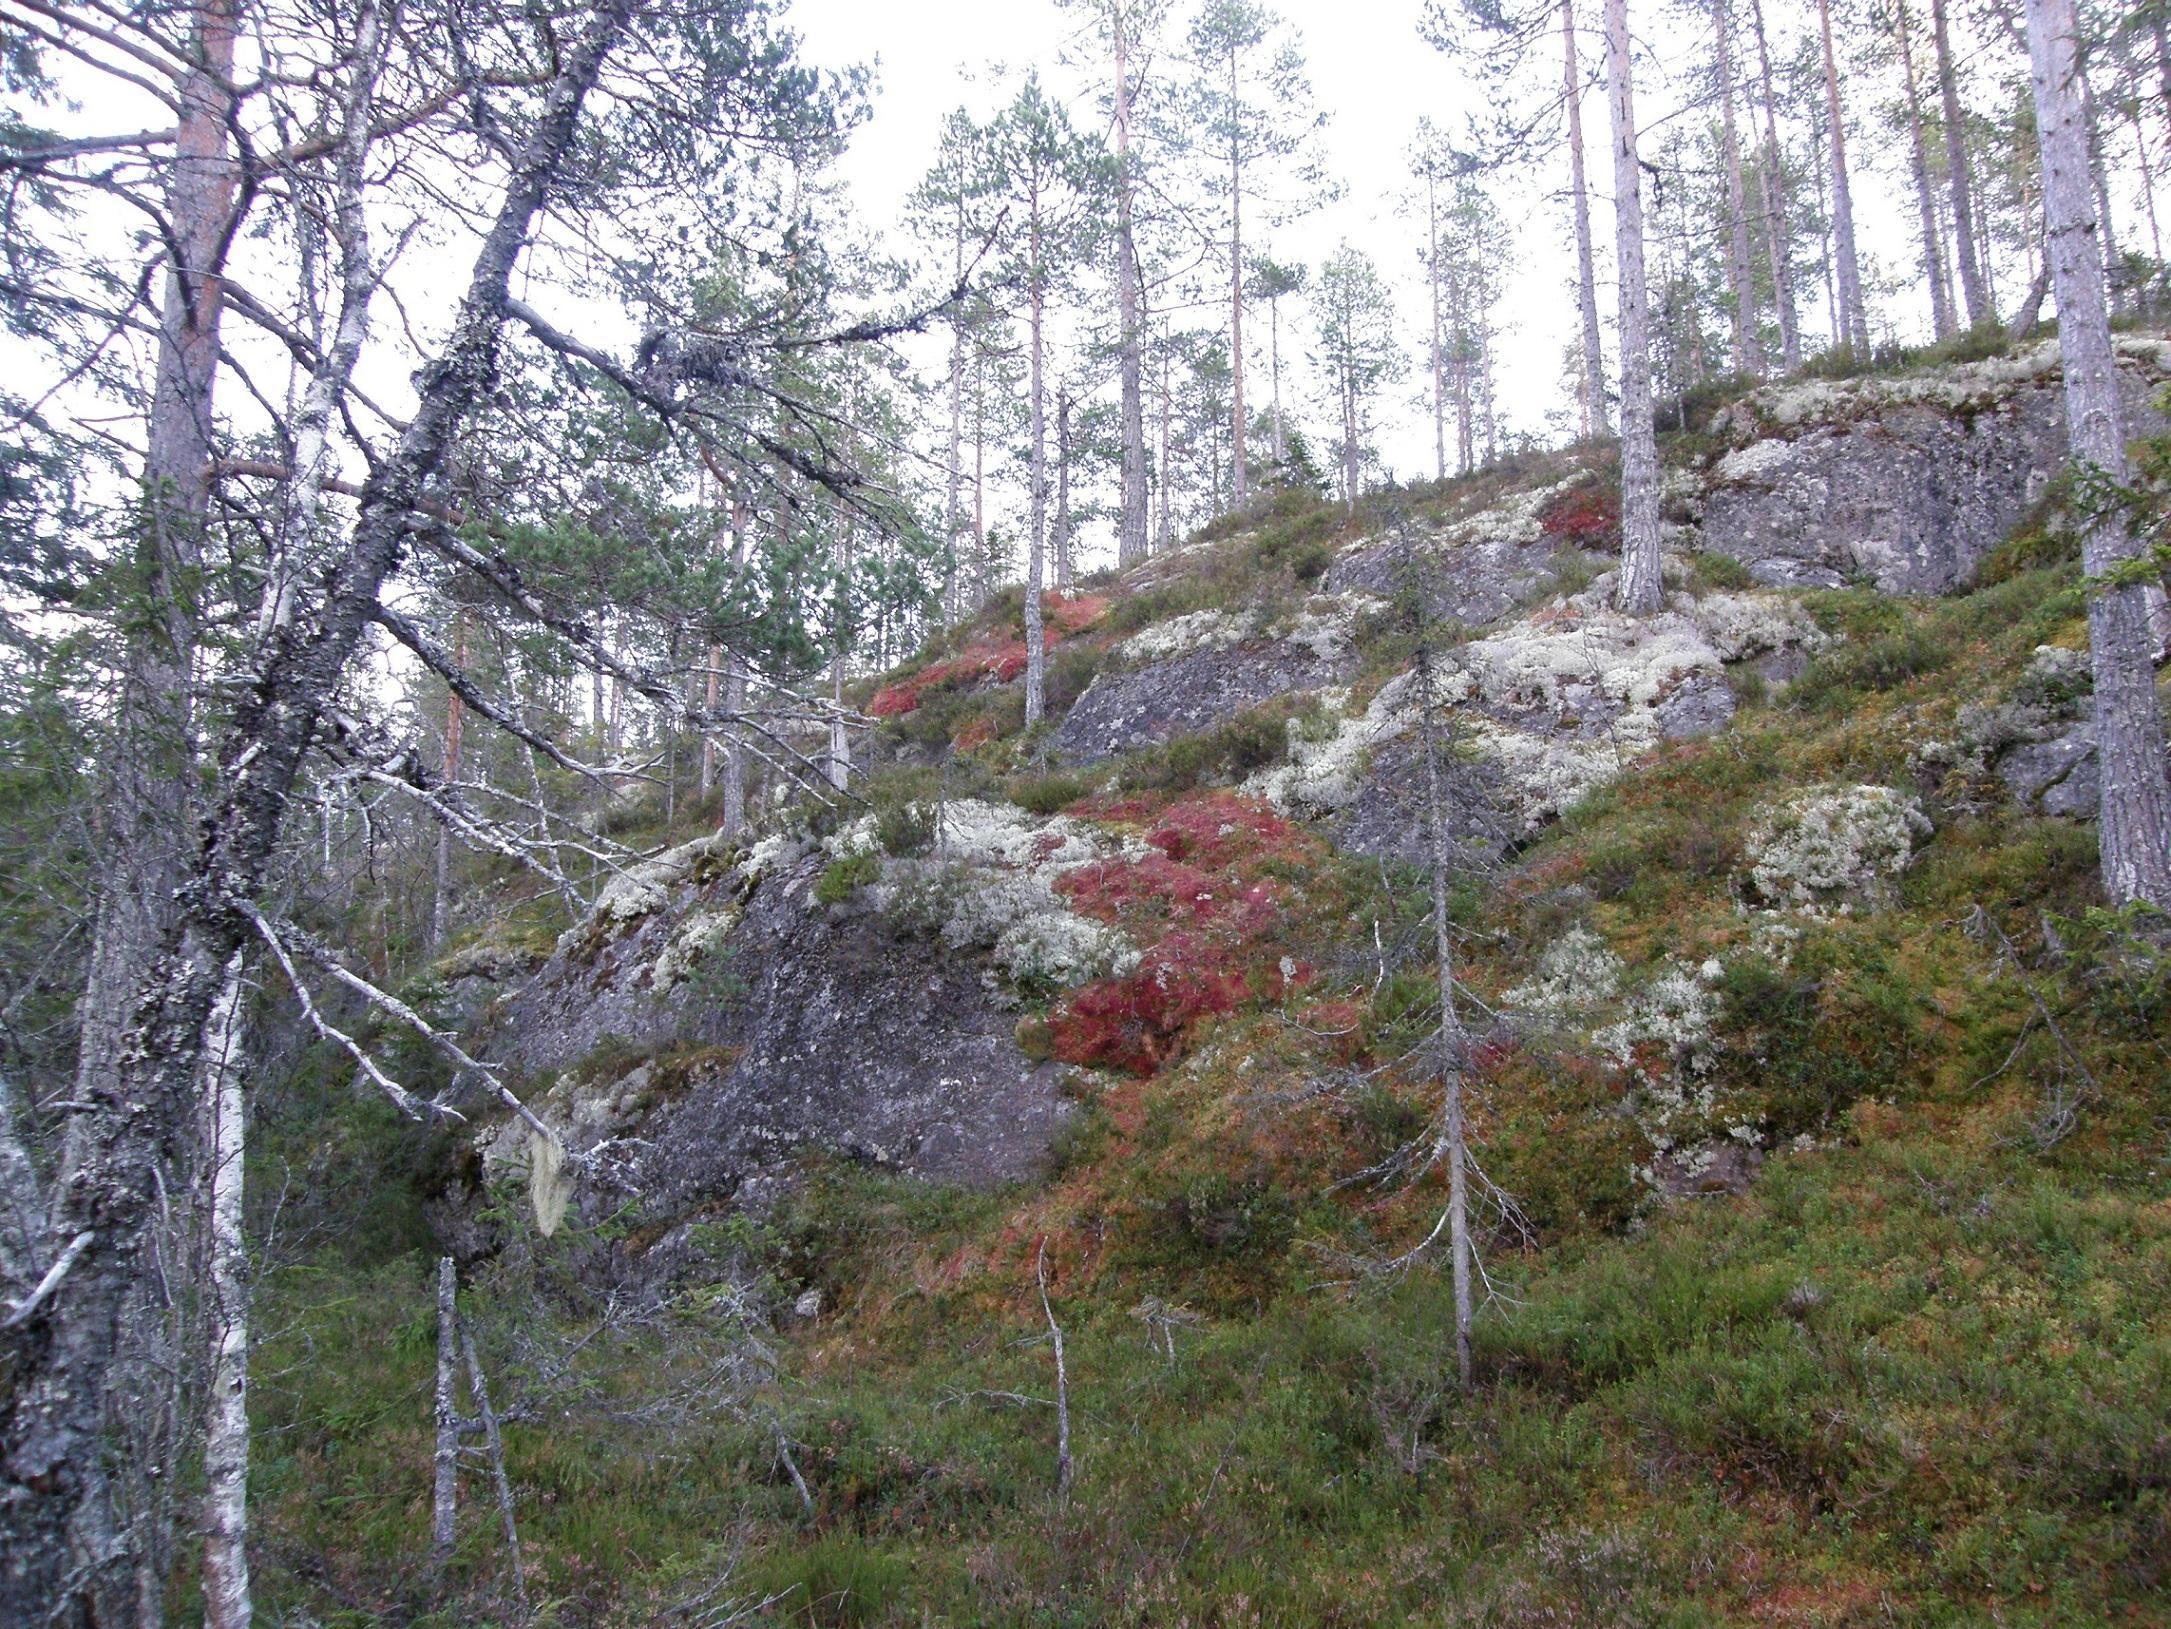 Stugvandring med 3 alternativ - Vandring söder om Sundsvall